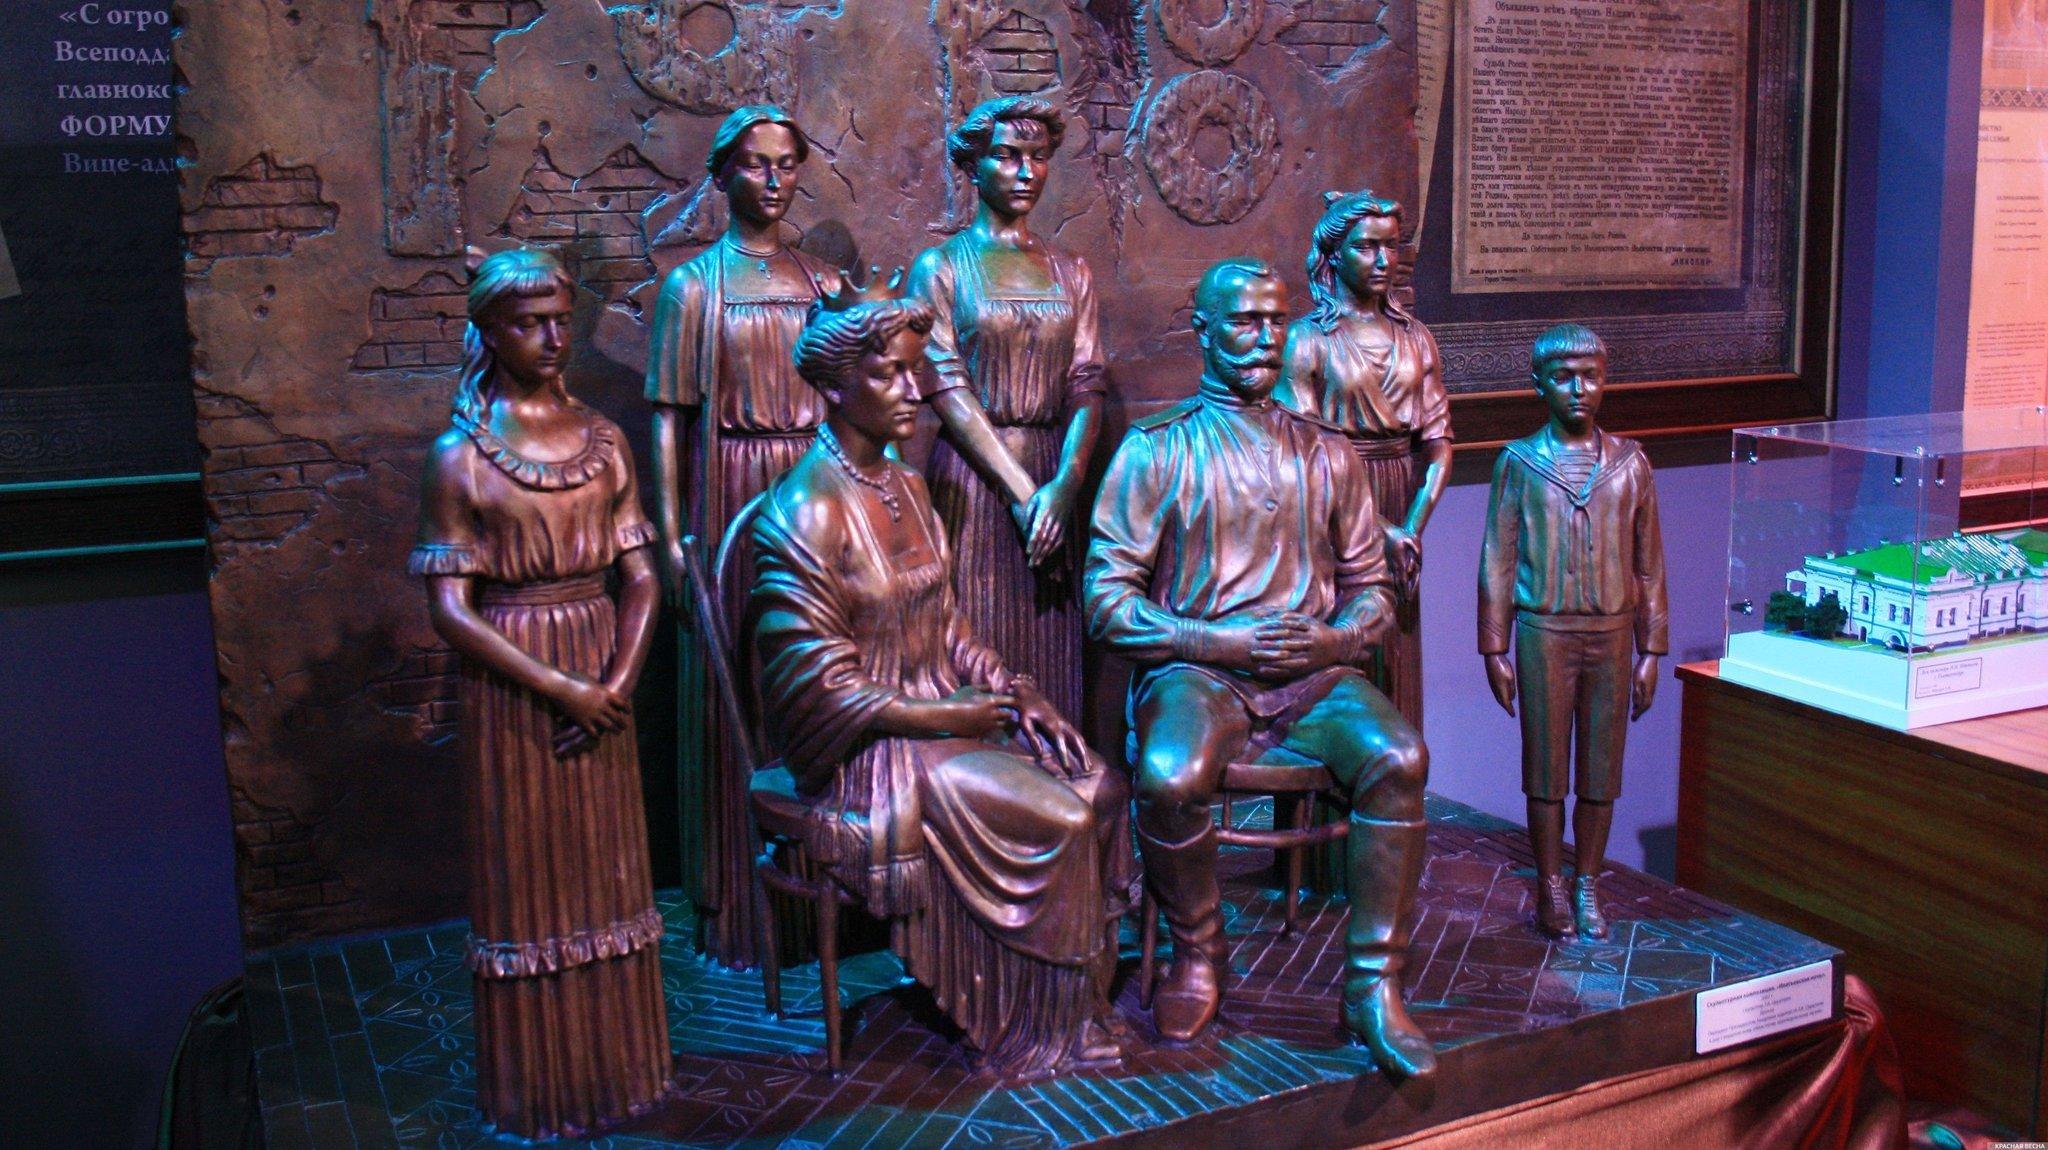 Уменьшенная копия скульптурной композиции царской семьи. Зураб Церетели. Крым, Ливадийский дворец.